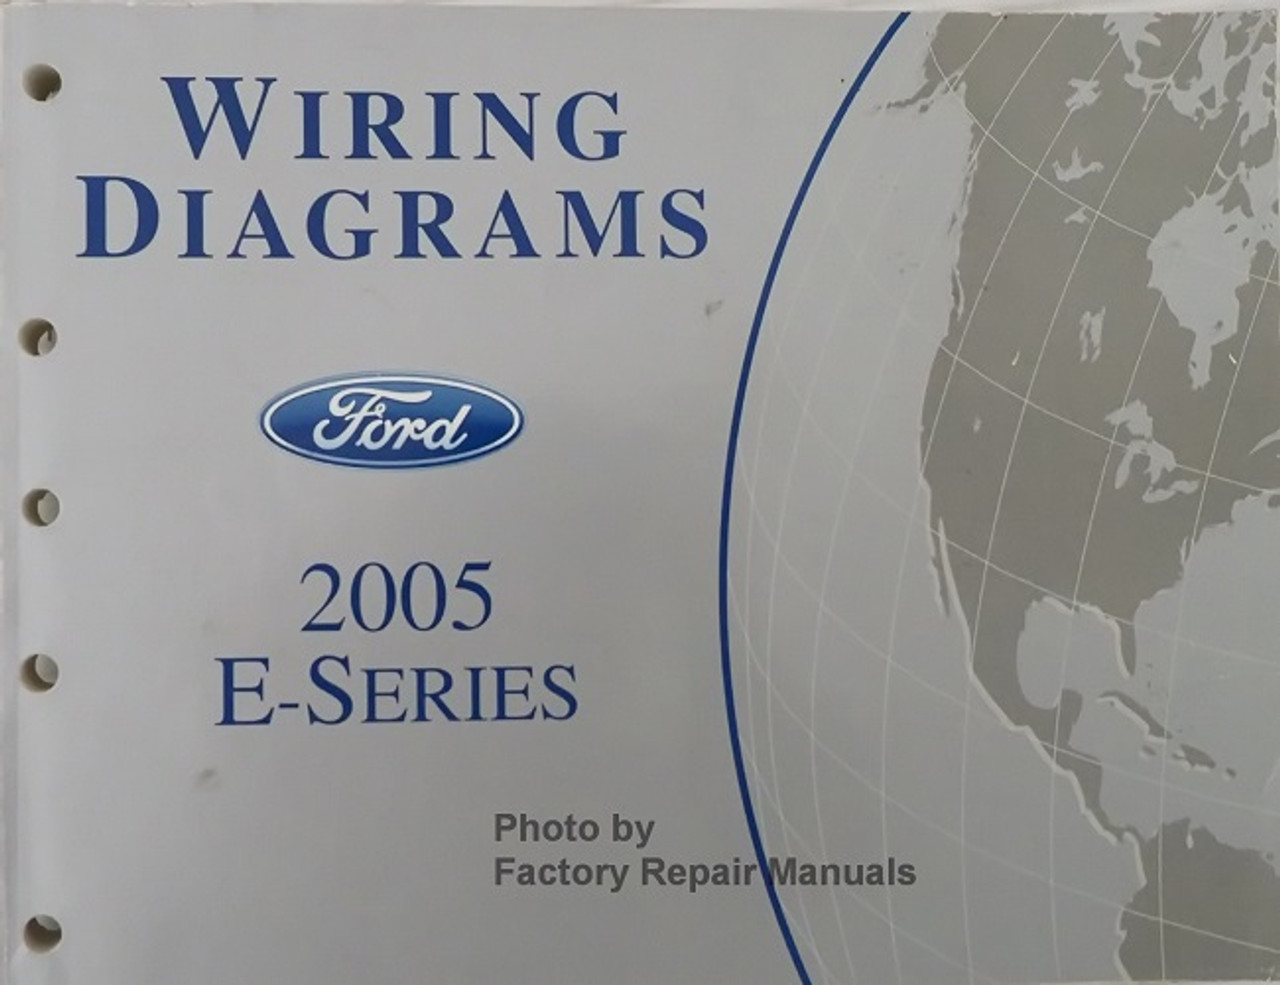 ford econoline van wiring diagram 2005 ford e150 e250 e350 e450 econoline van club wagon electrical  2005 ford e150 e250 e350 e450 econoline